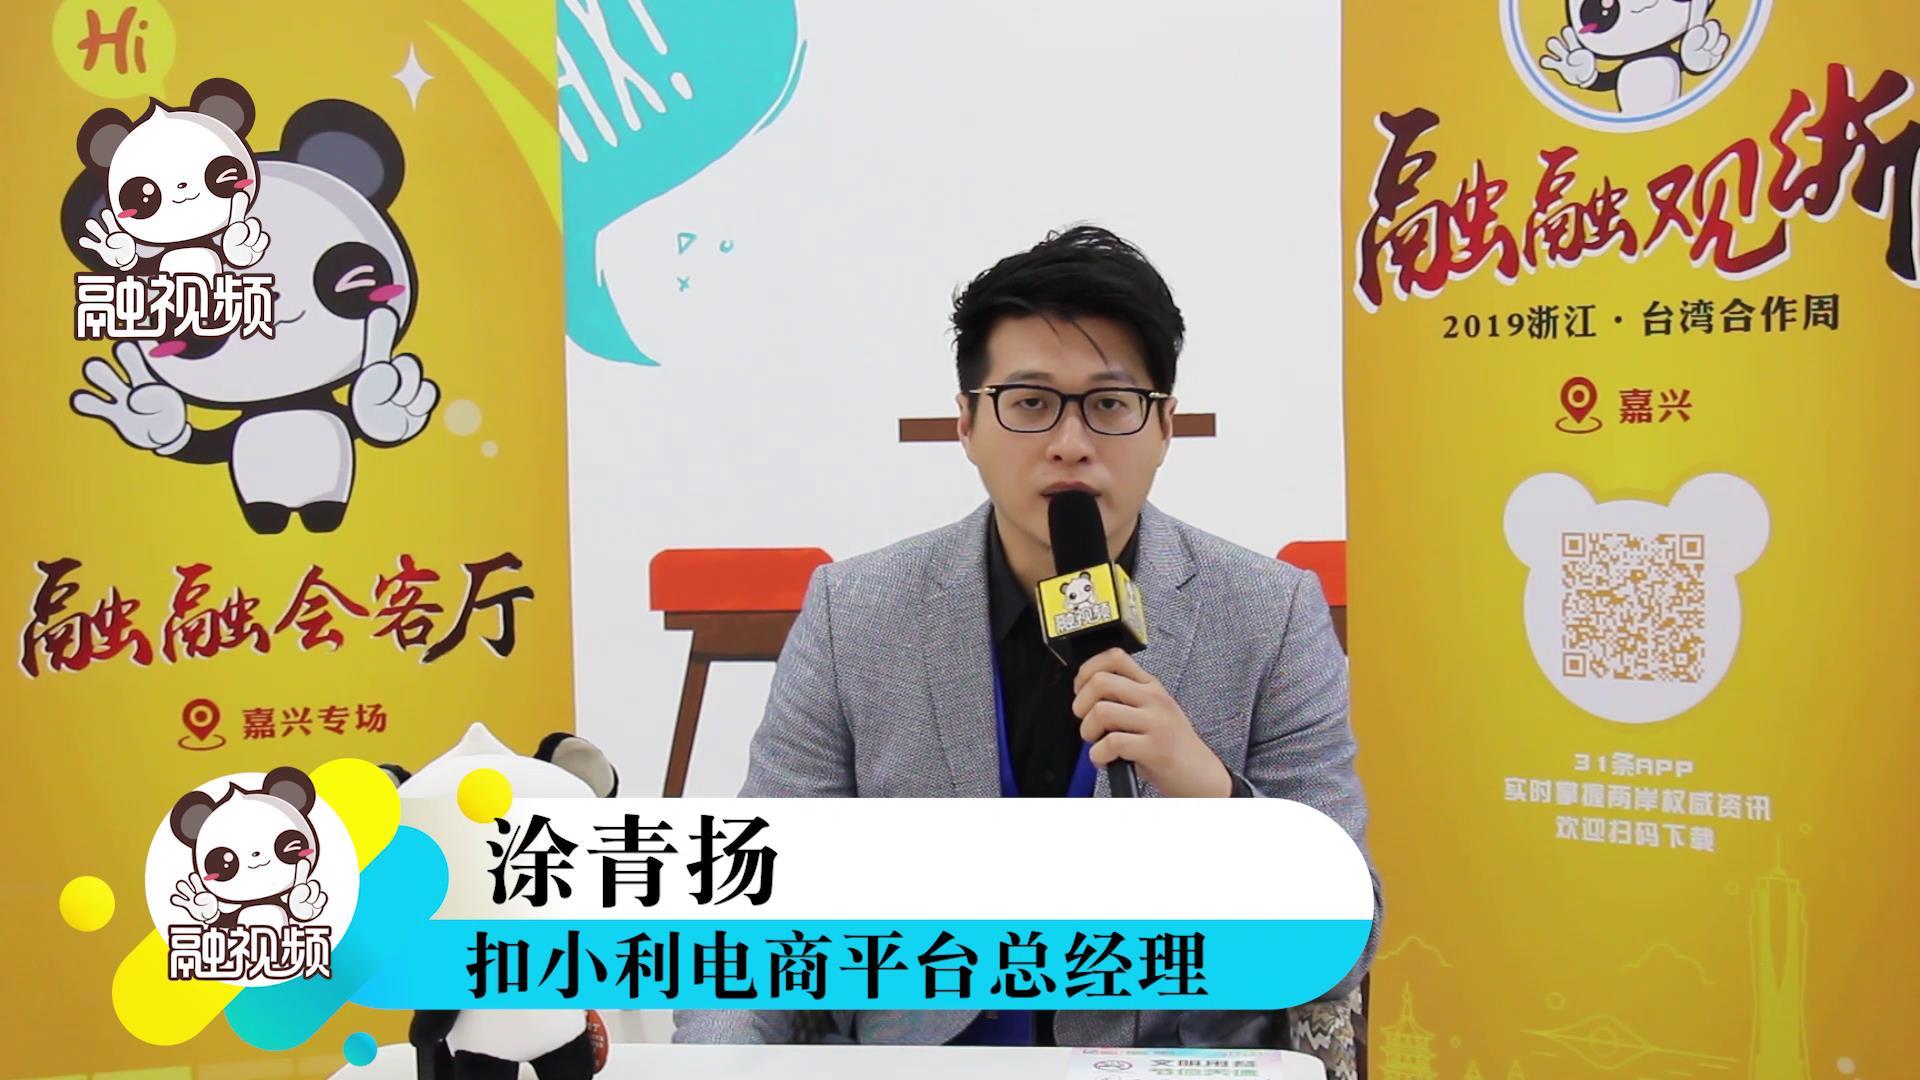 专访扣小利电商平台总经理涂青扬图片